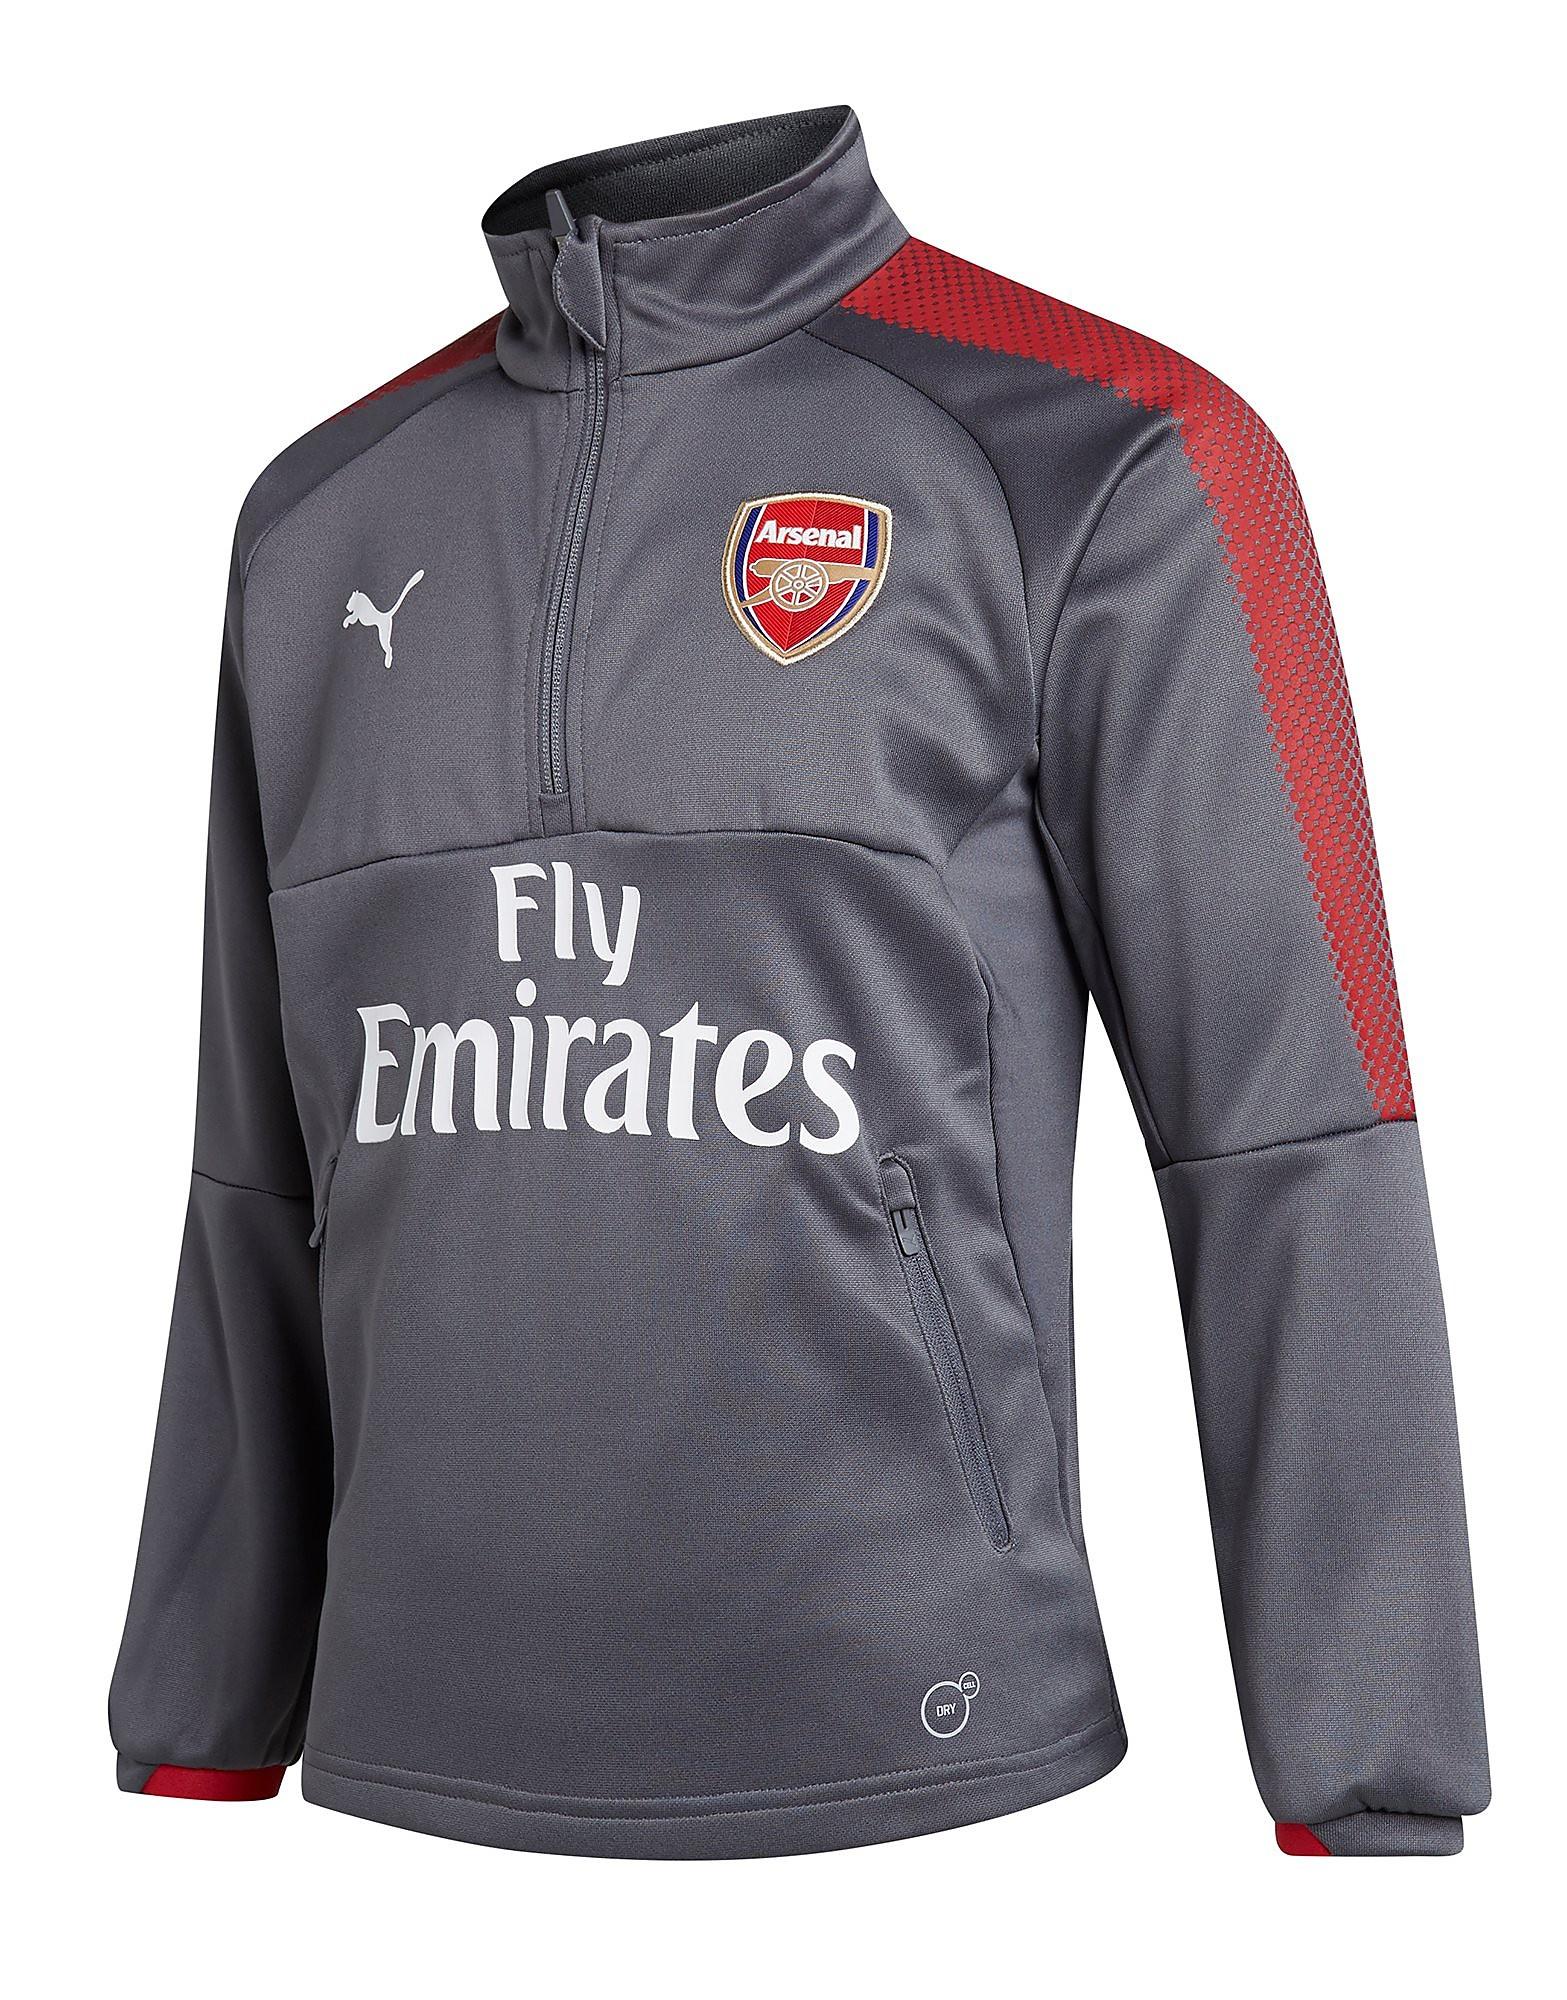 PUMA Arsenal 2017 Quarter Zip Training Top Junior